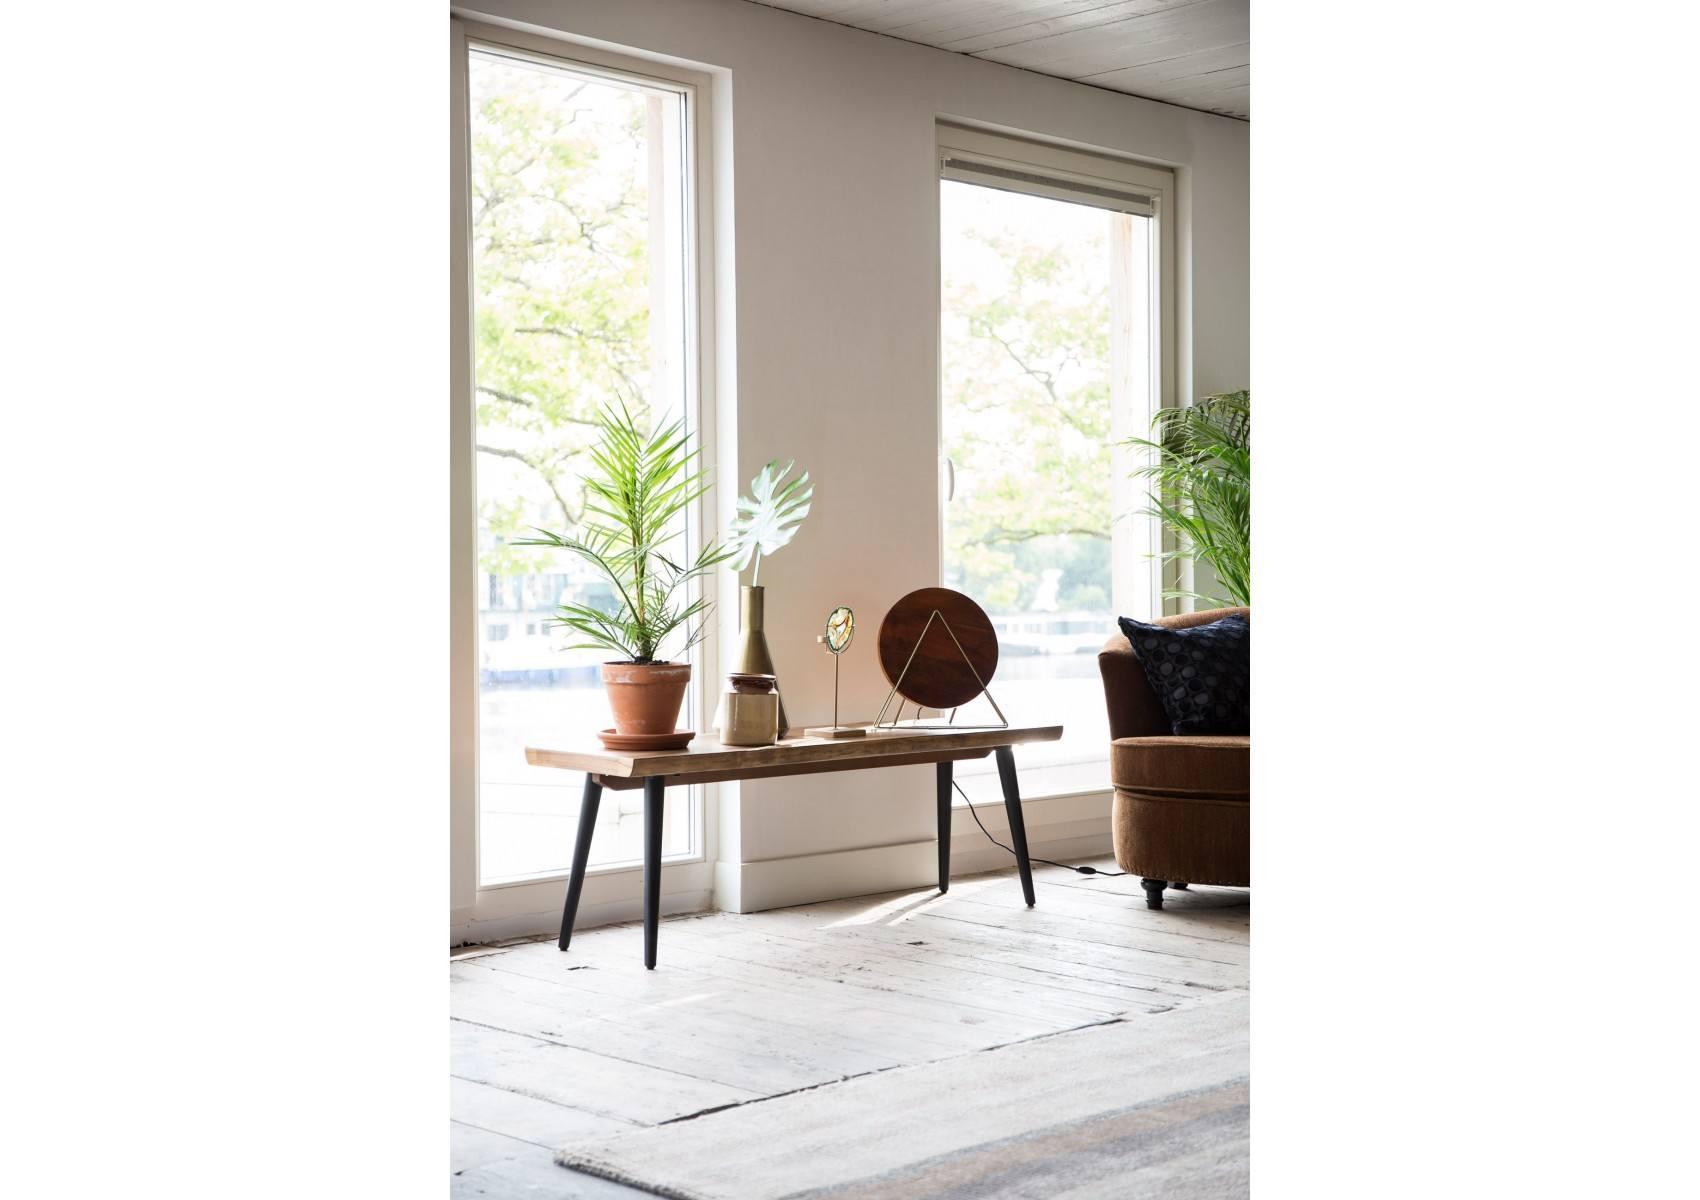 banc en bois et m tal alagon industriel 160x40 cm dutchbone. Black Bedroom Furniture Sets. Home Design Ideas